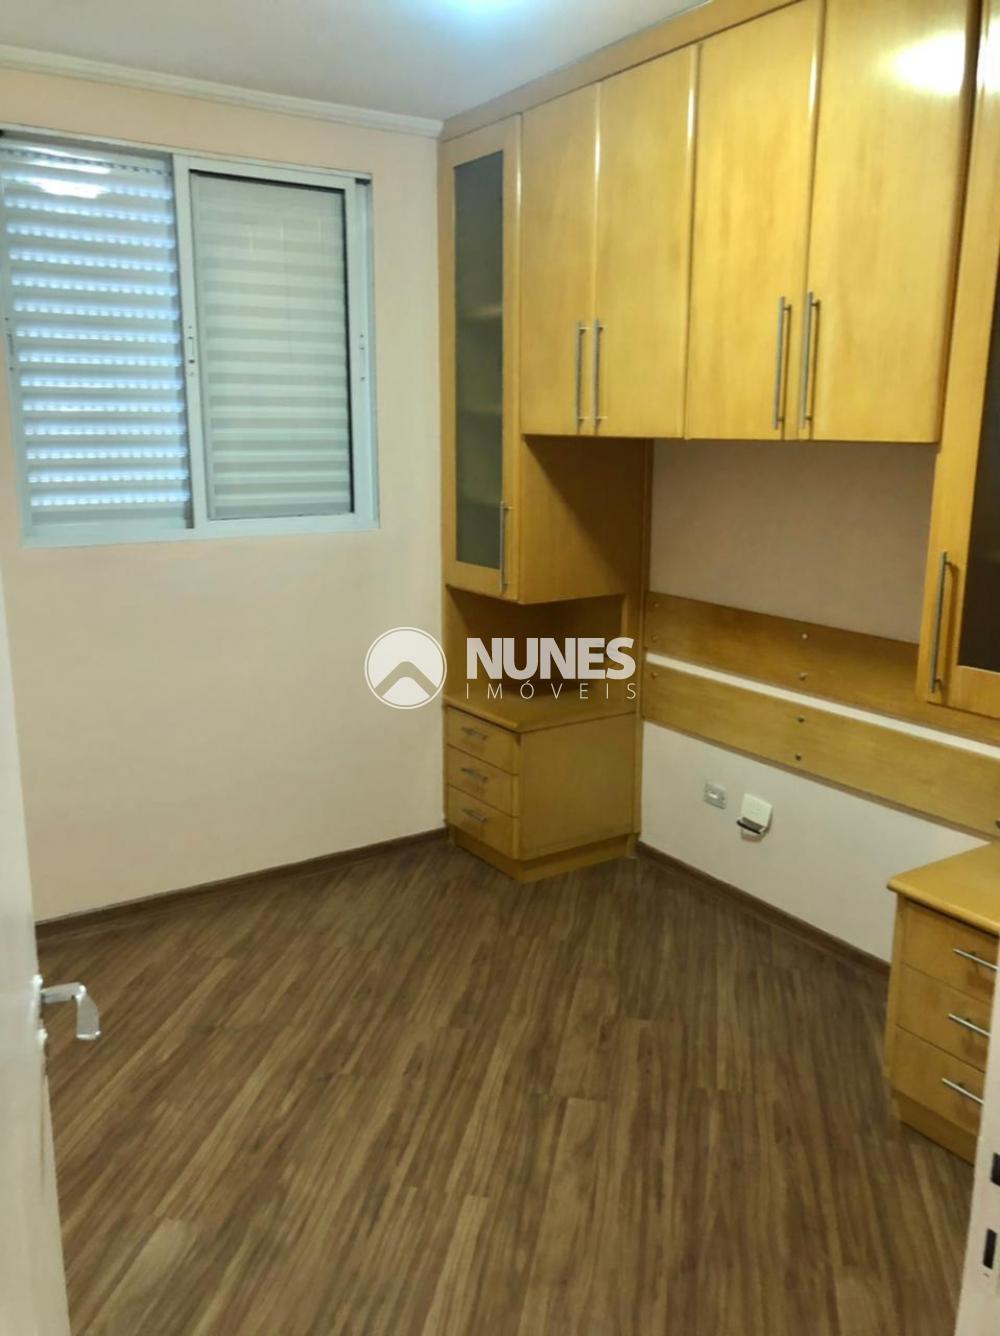 Alugar Apartamento / Padrão em São Paulo R$ 1.600,00 - Foto 11